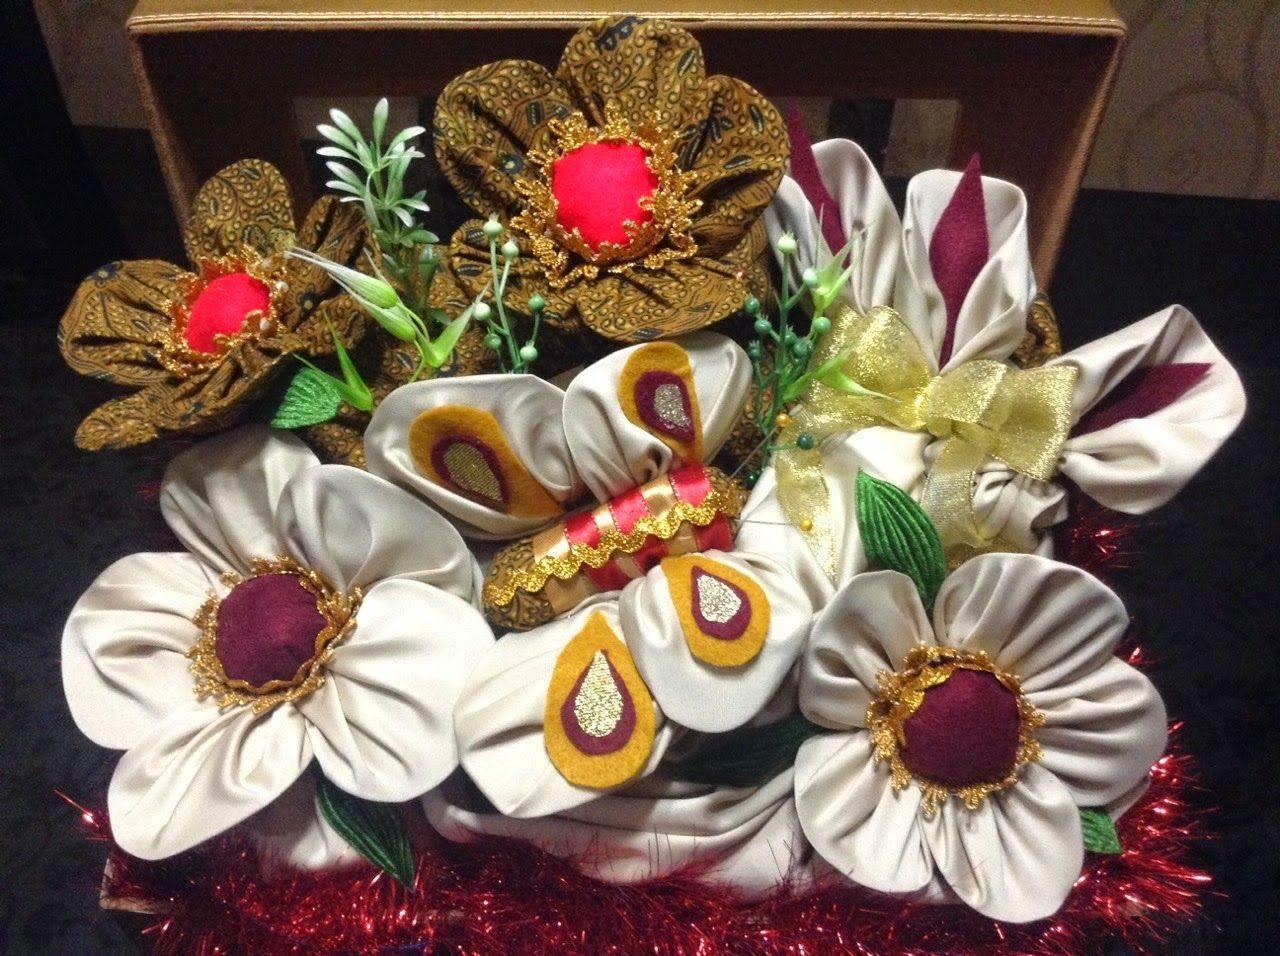 Mahar, Peningset, Aneka Kado dan Parsel  Ide kerajinan, Bunga